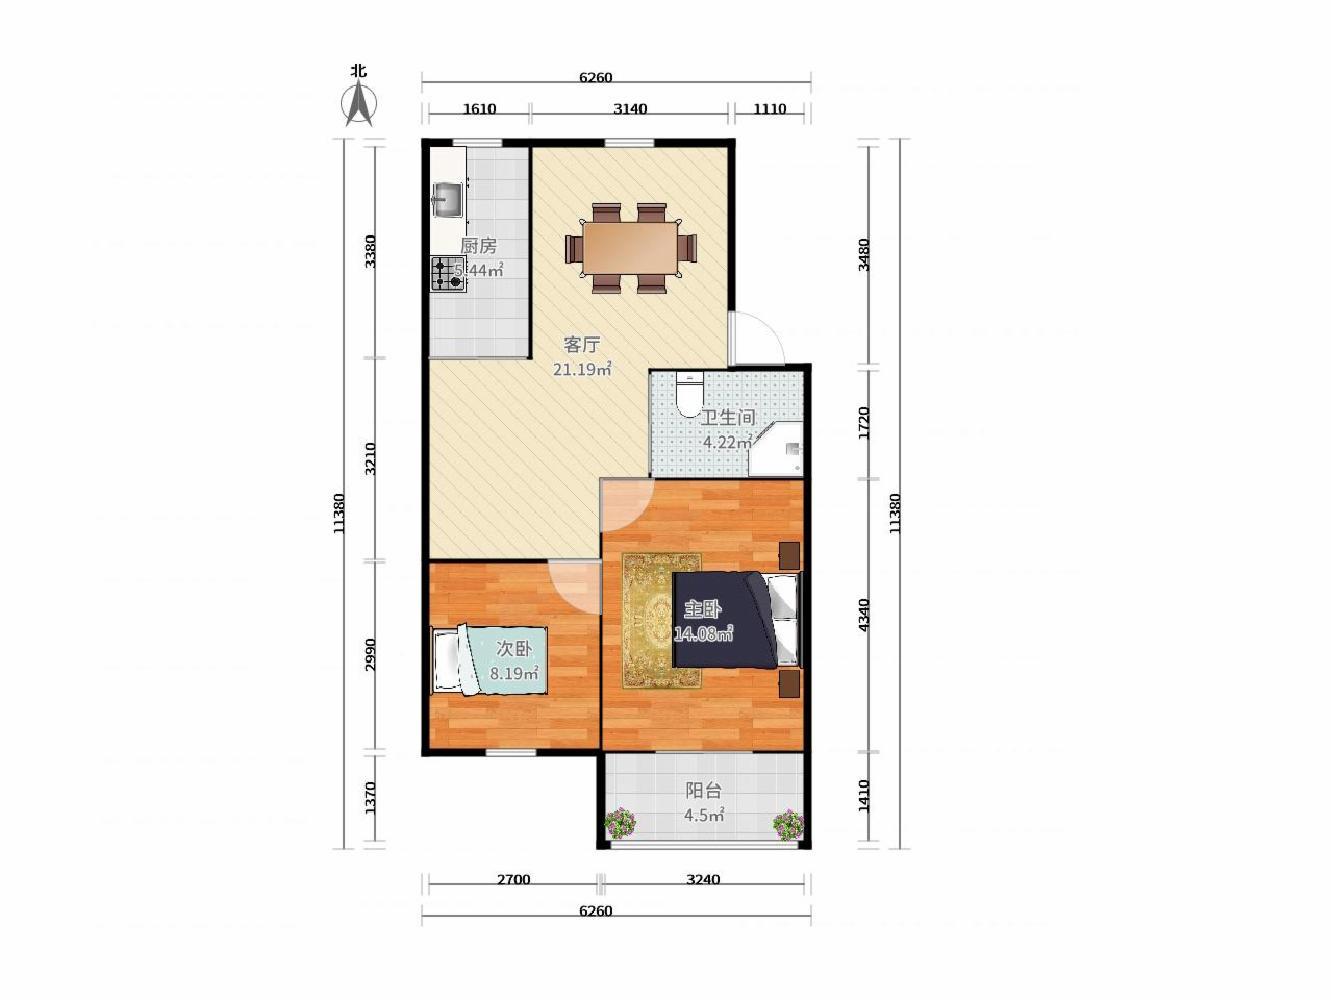 玄武区卫岗卫岗26号2室1厅户型图